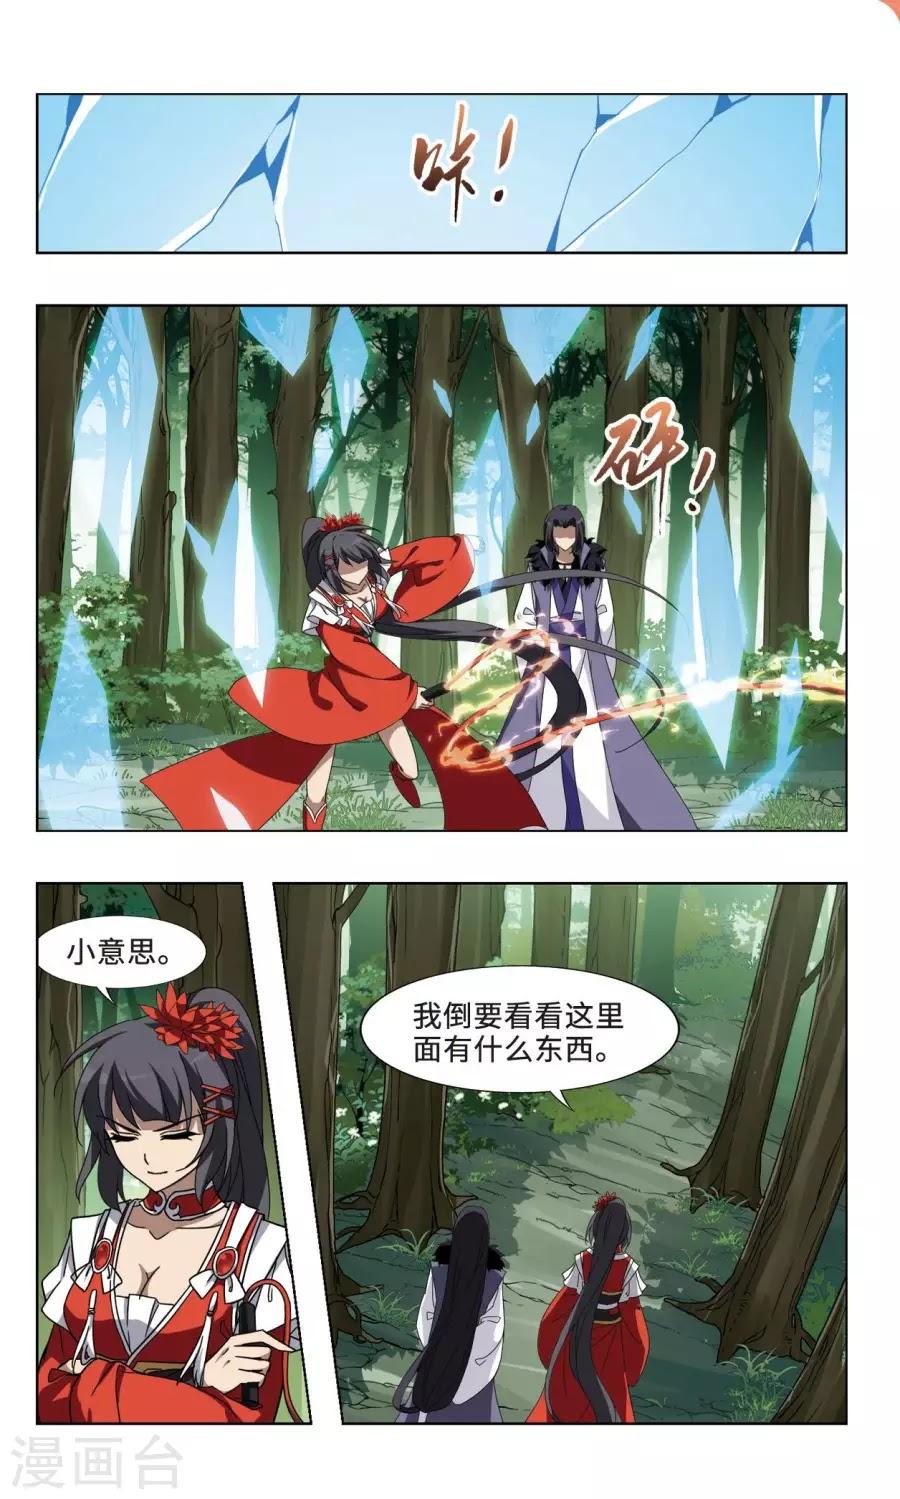 Phượng Nghịch Thiên Hạ Chap 132 Upload bởi Truyentranhmoi.net